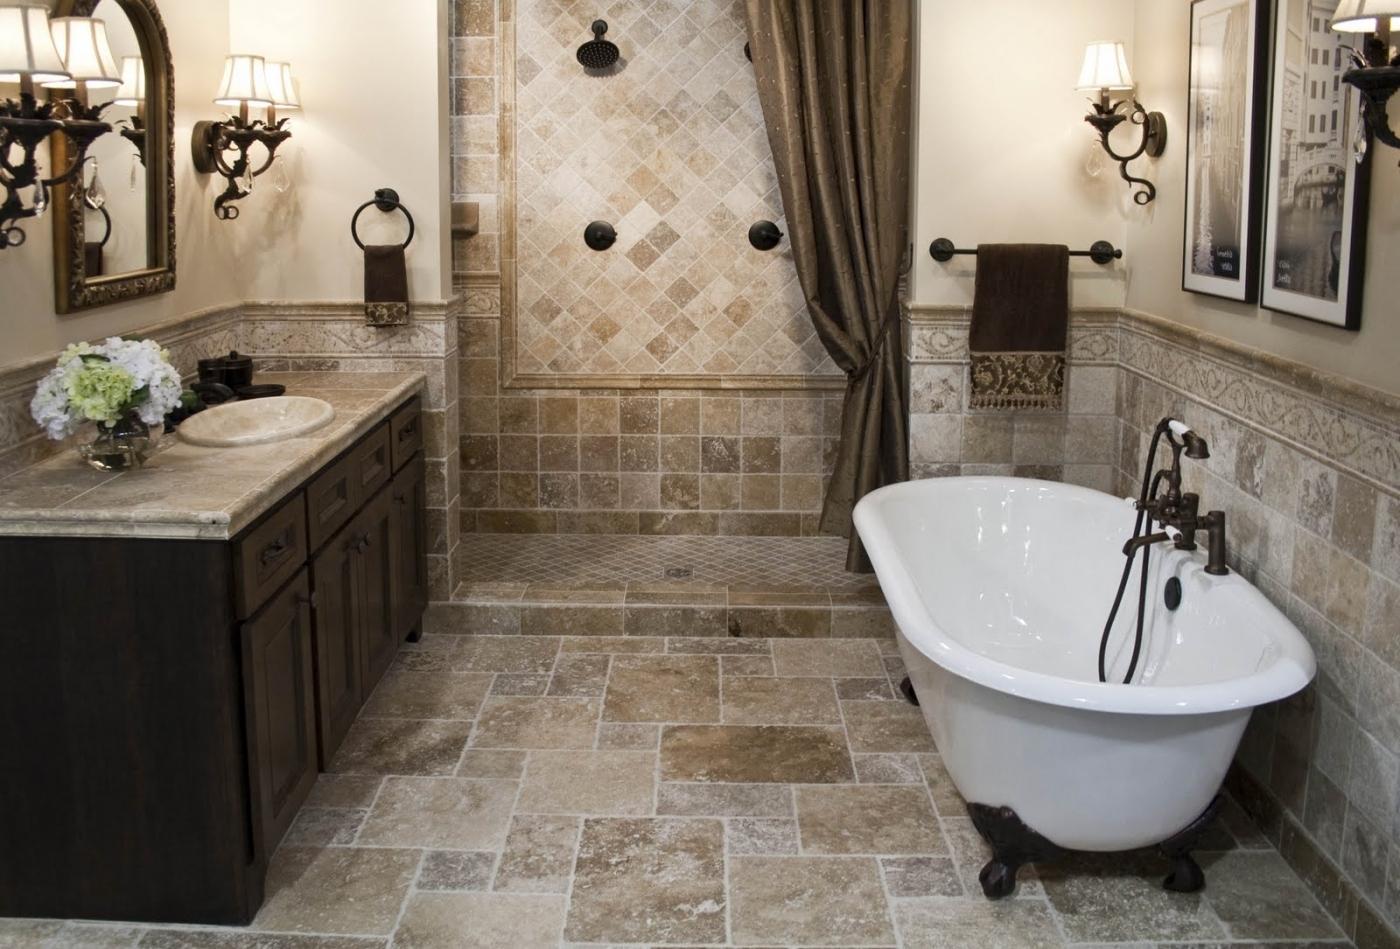 Bathroom remodeling encino - Bathroom Remodeling Encino 31